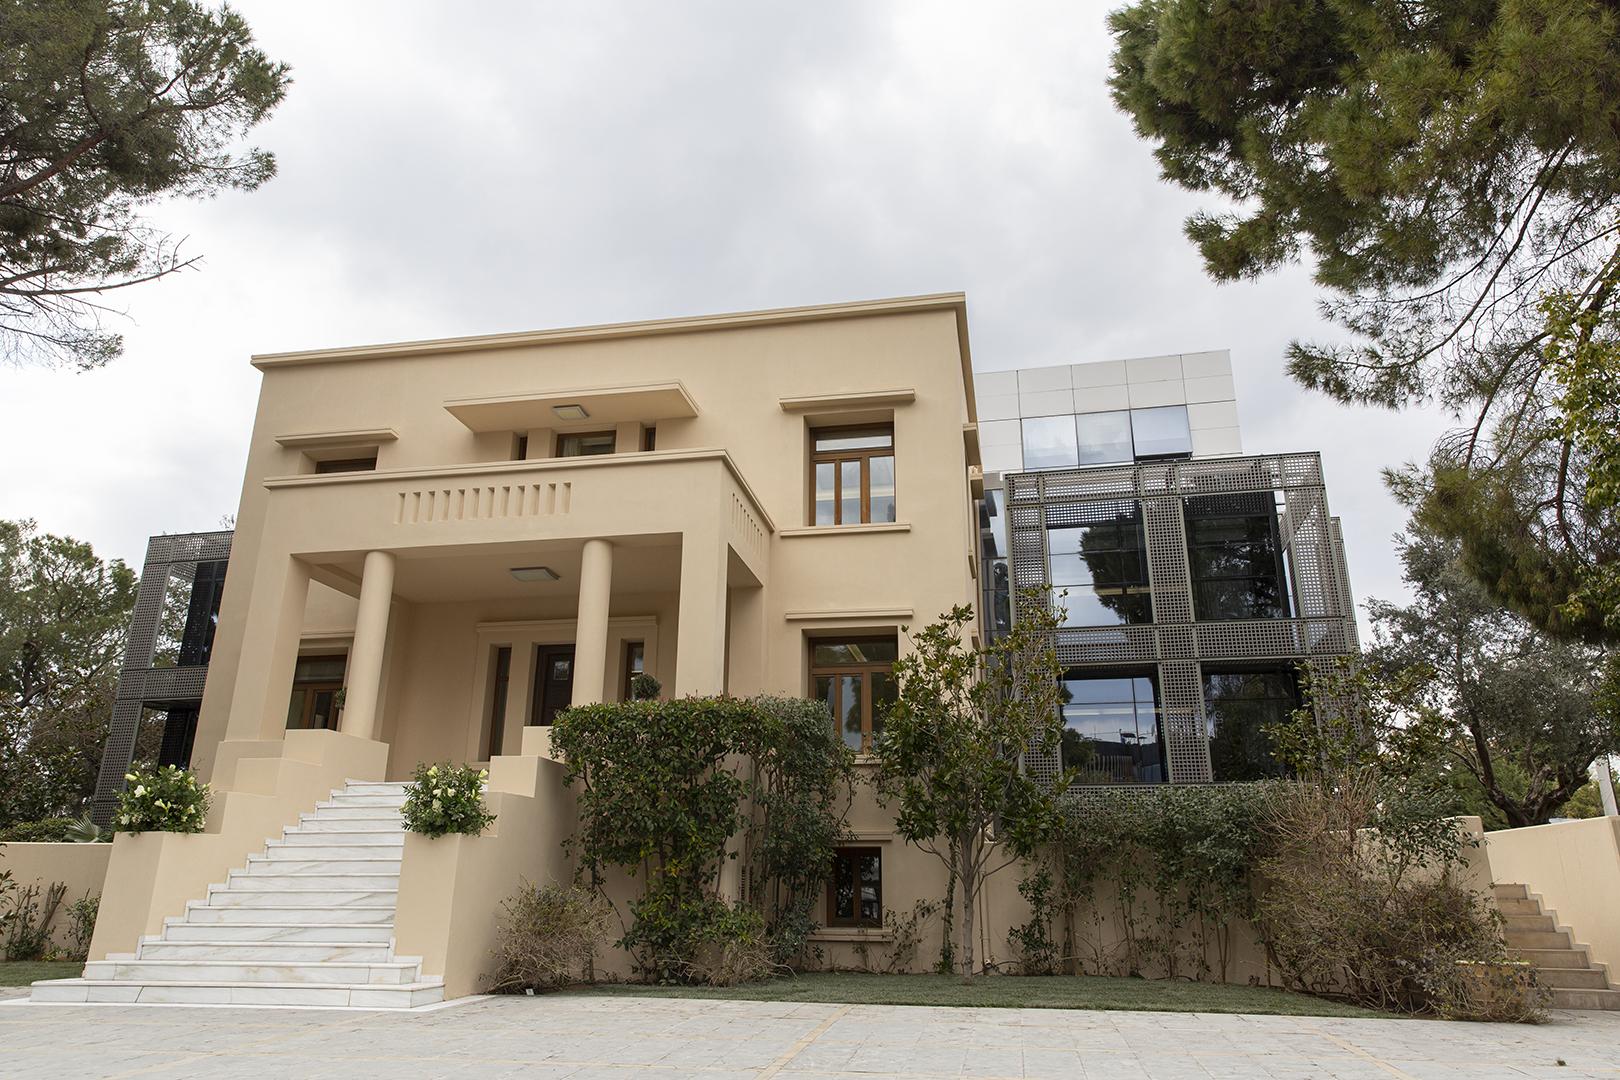 ENISA's headquarters - Athens